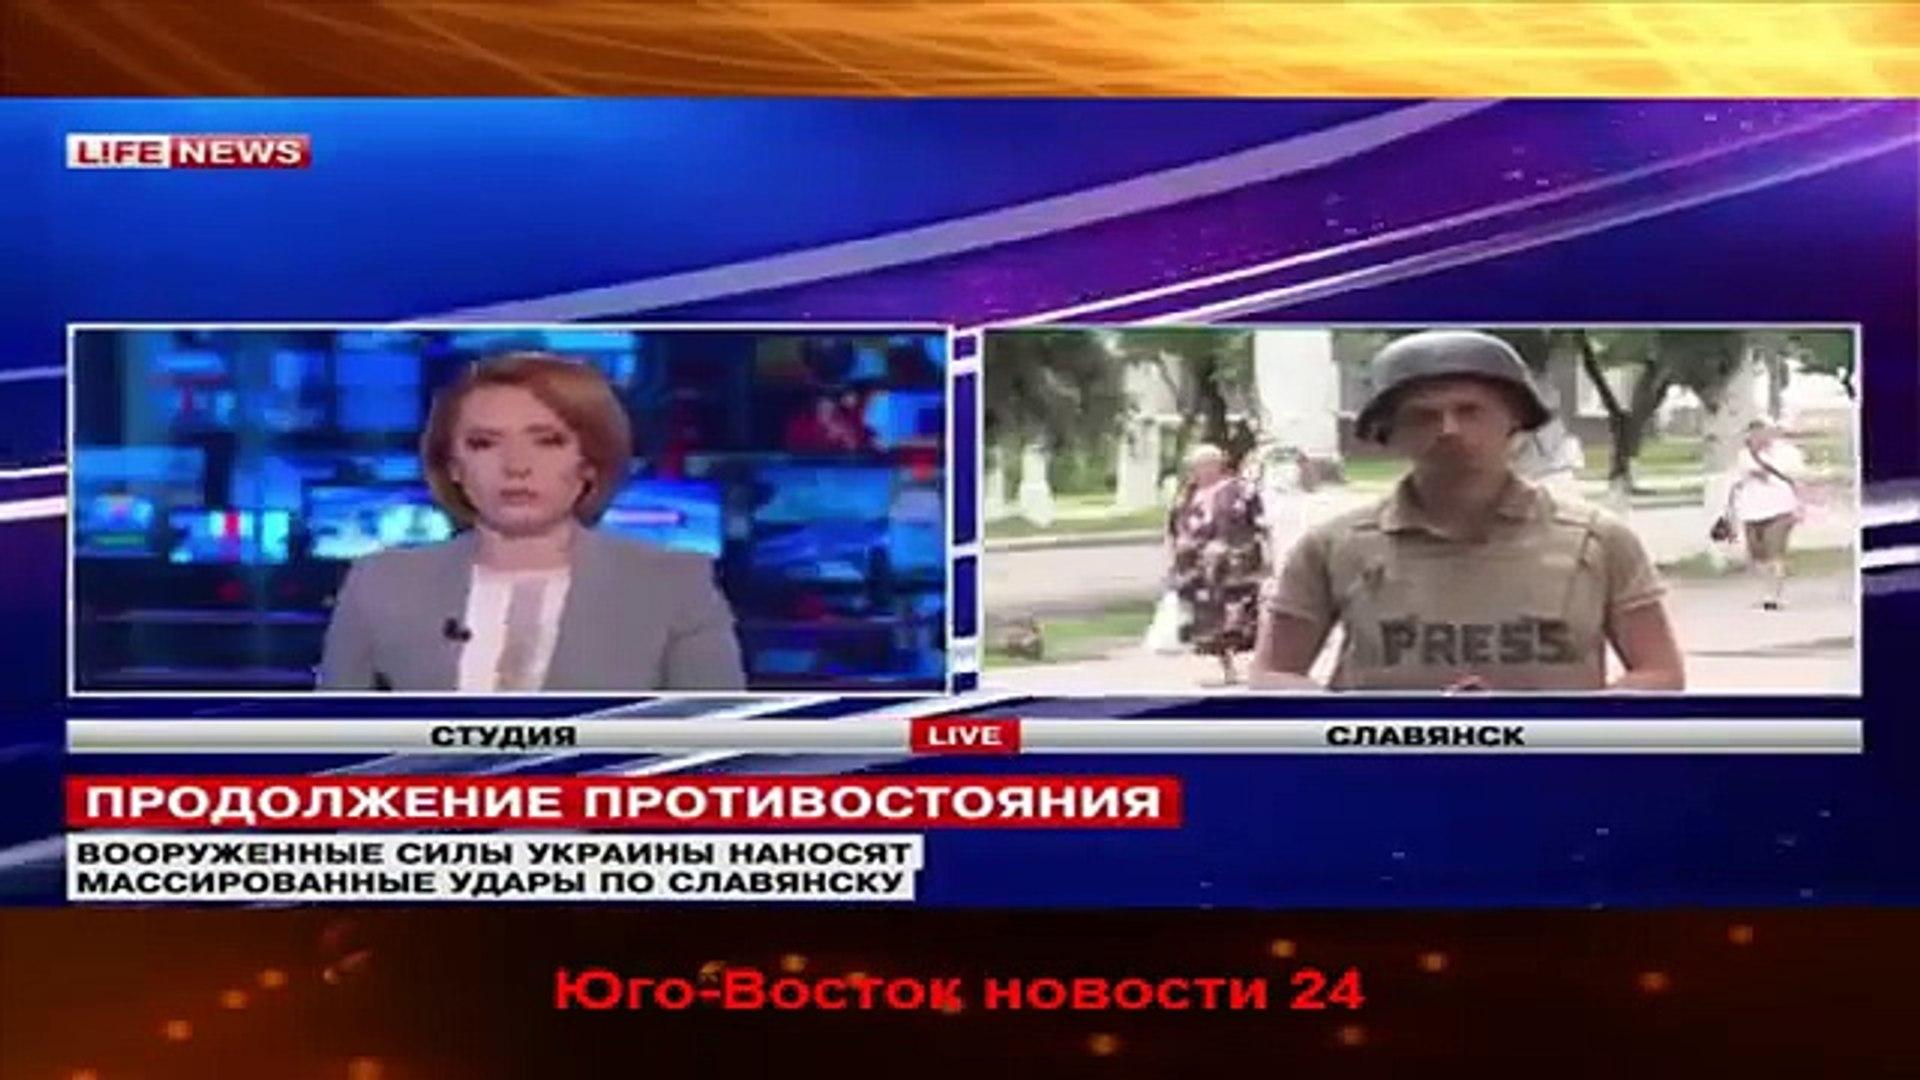 Стрелков жив лгут Укр СМИ